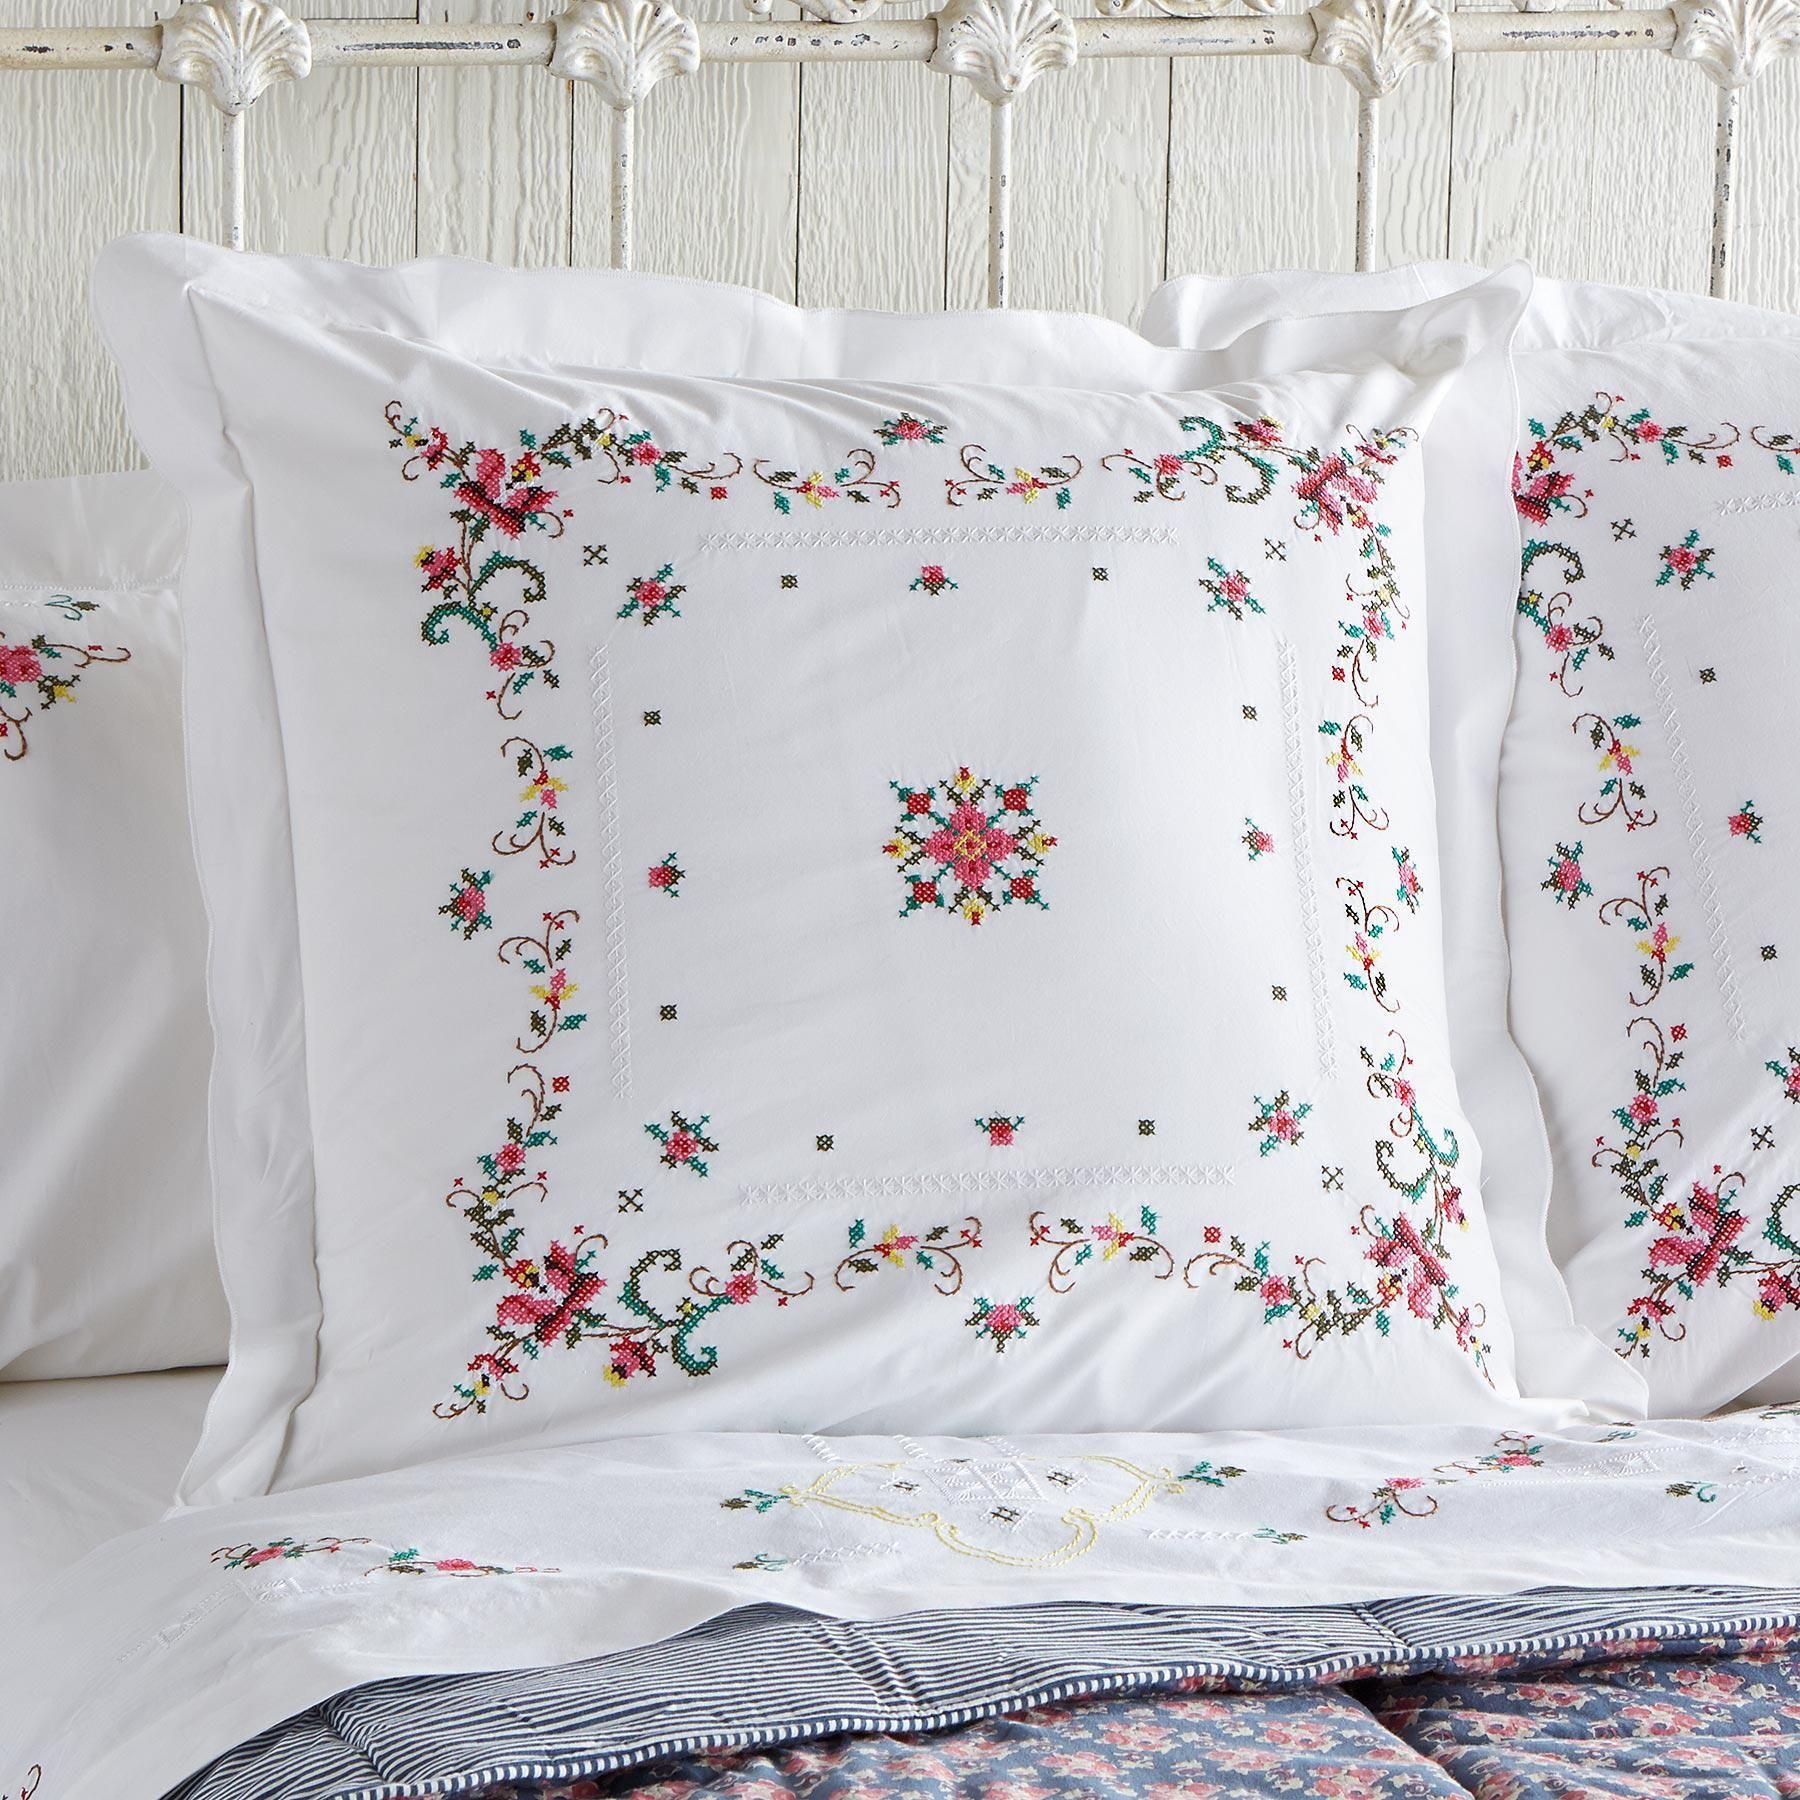 Вышивка подушек. купить вышивку декоративной подушки. вышитая подушка на заказ в любой технике